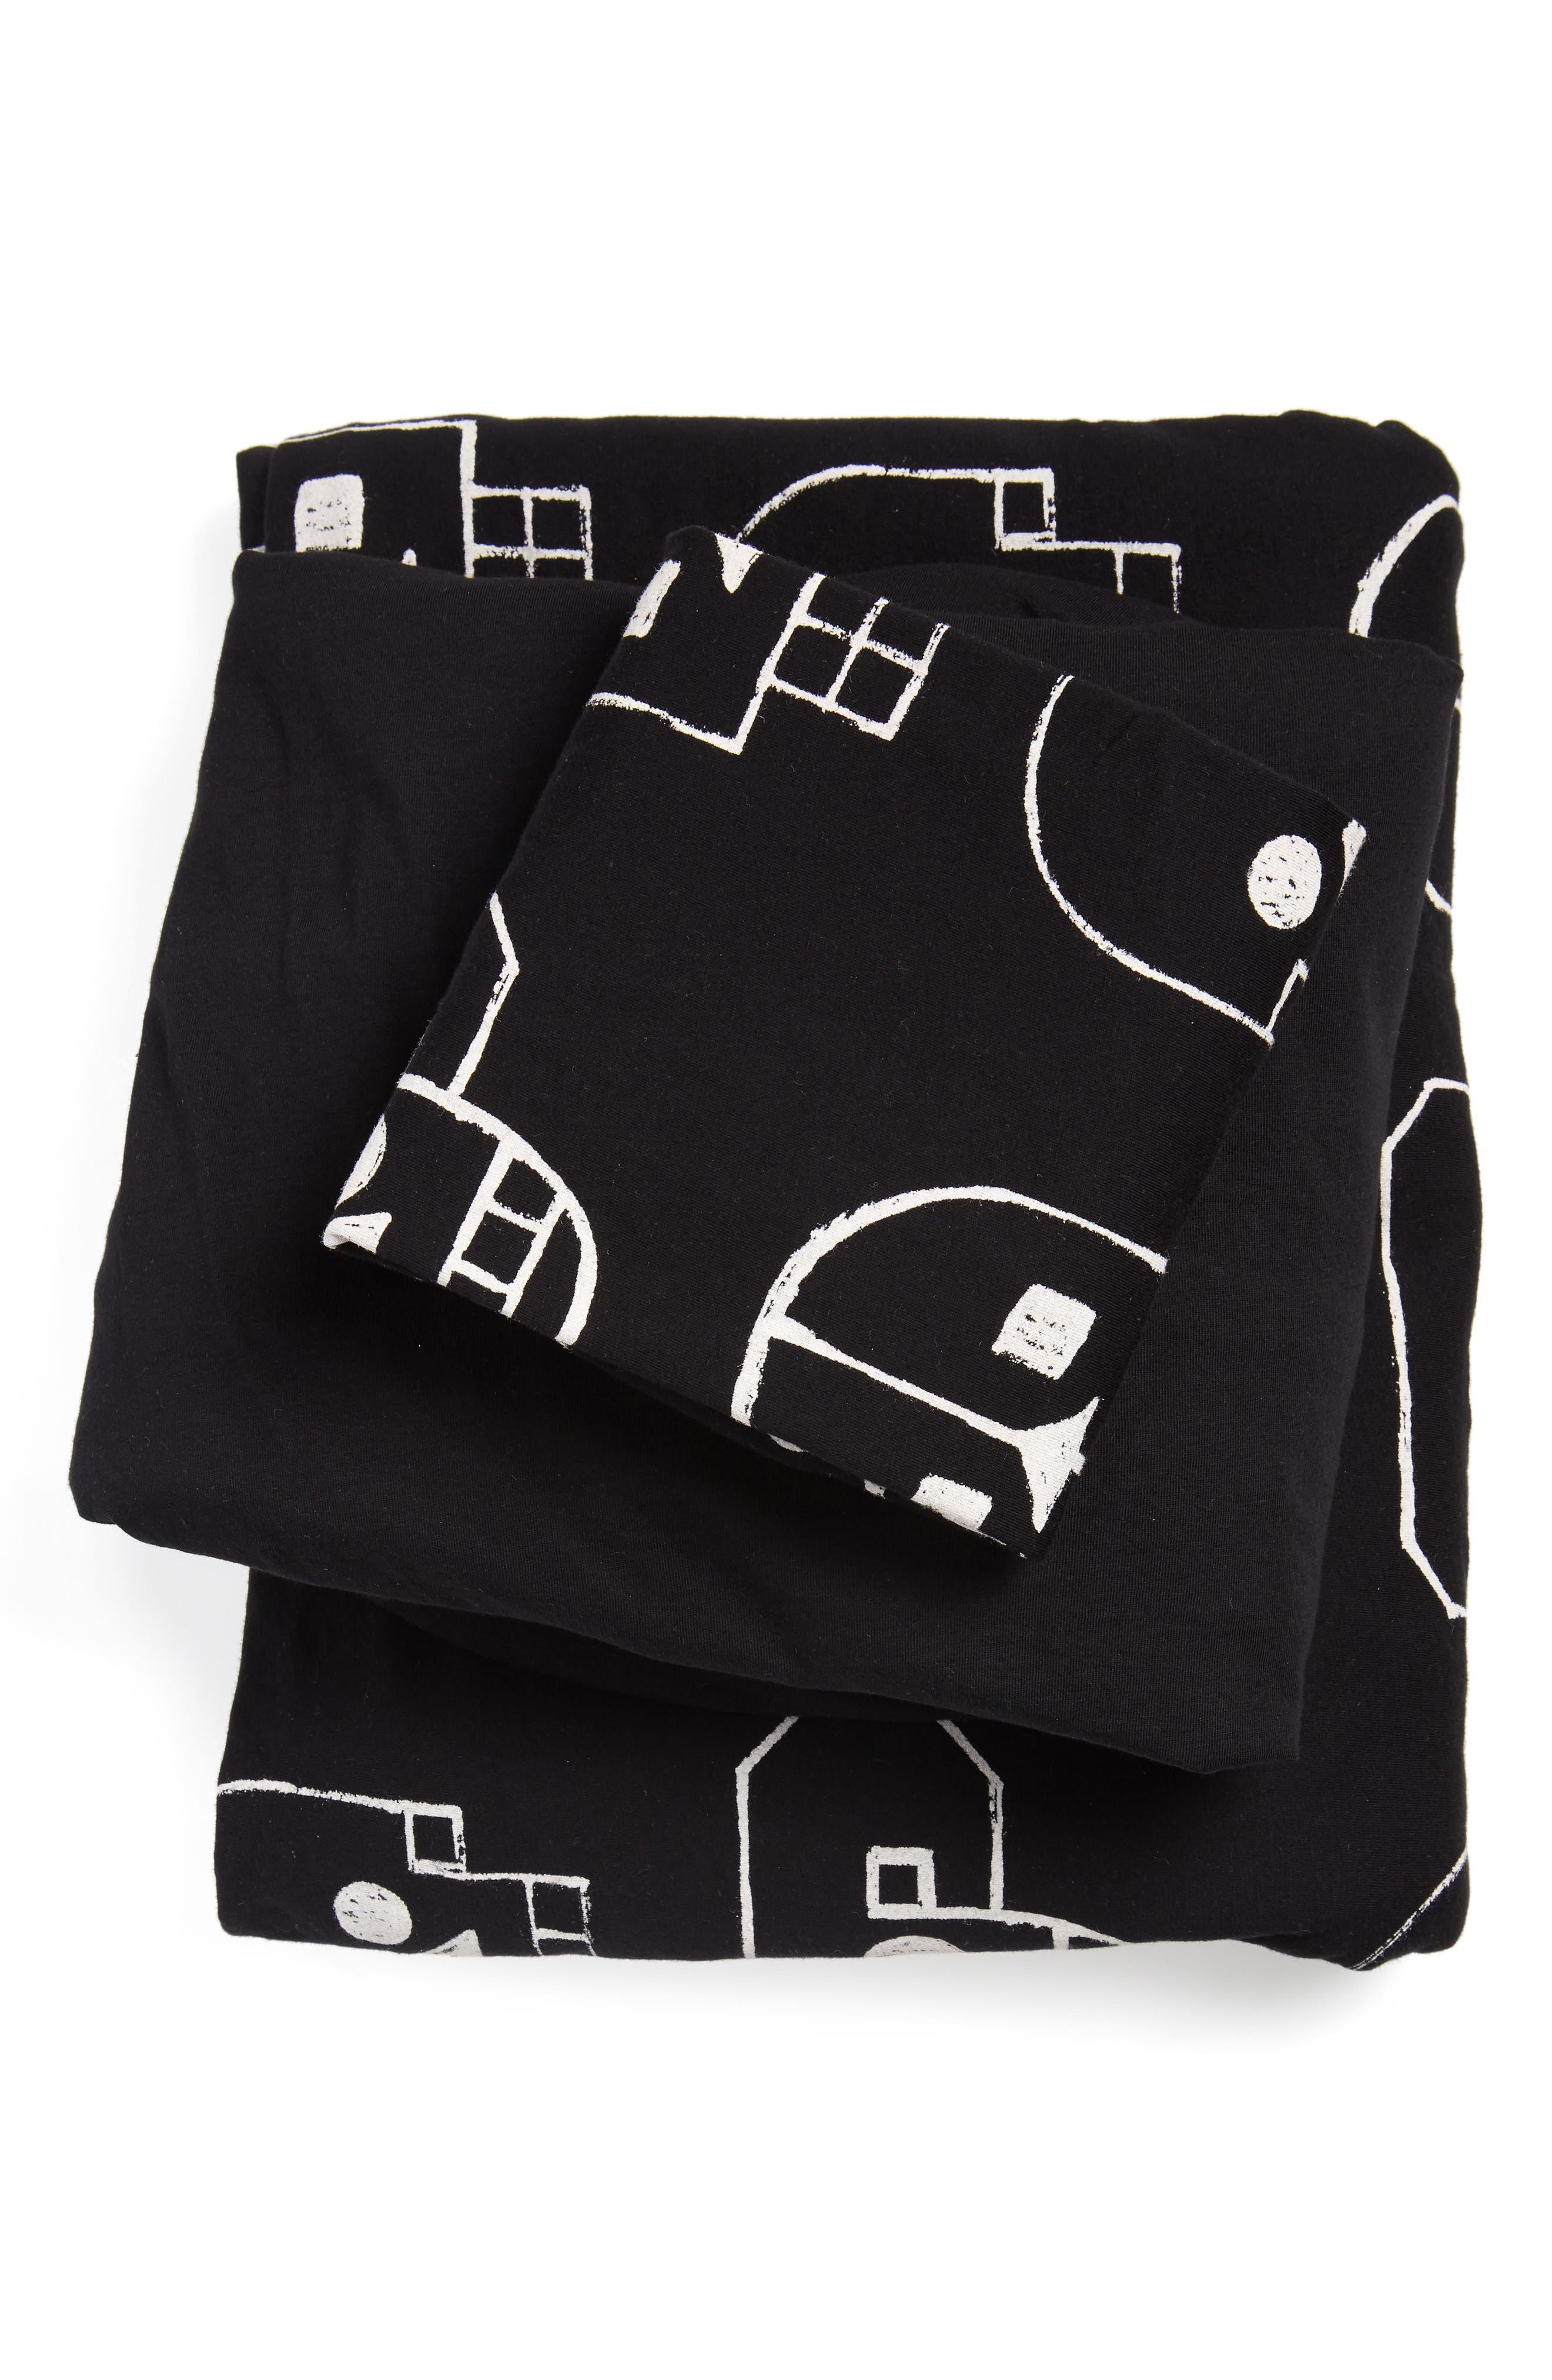 Skull Robot Duvet Cover & Sheet Set,                         Main,                         color, BLACK